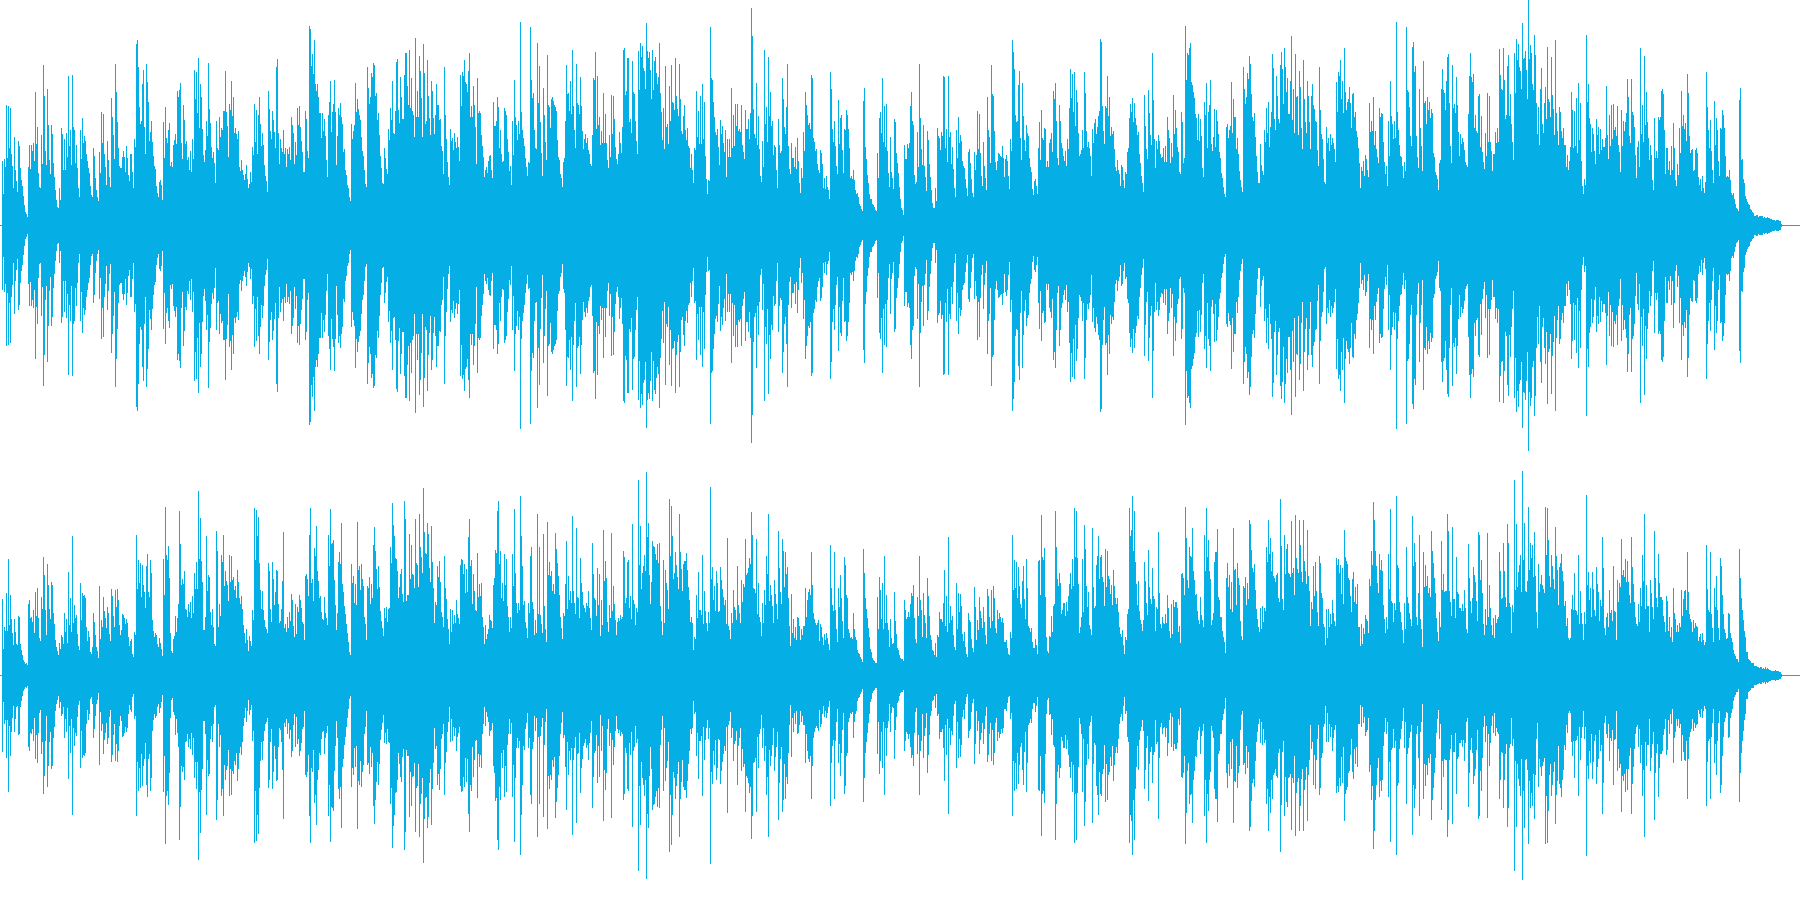 優しい 心温まる ピアノソロの再生済みの波形